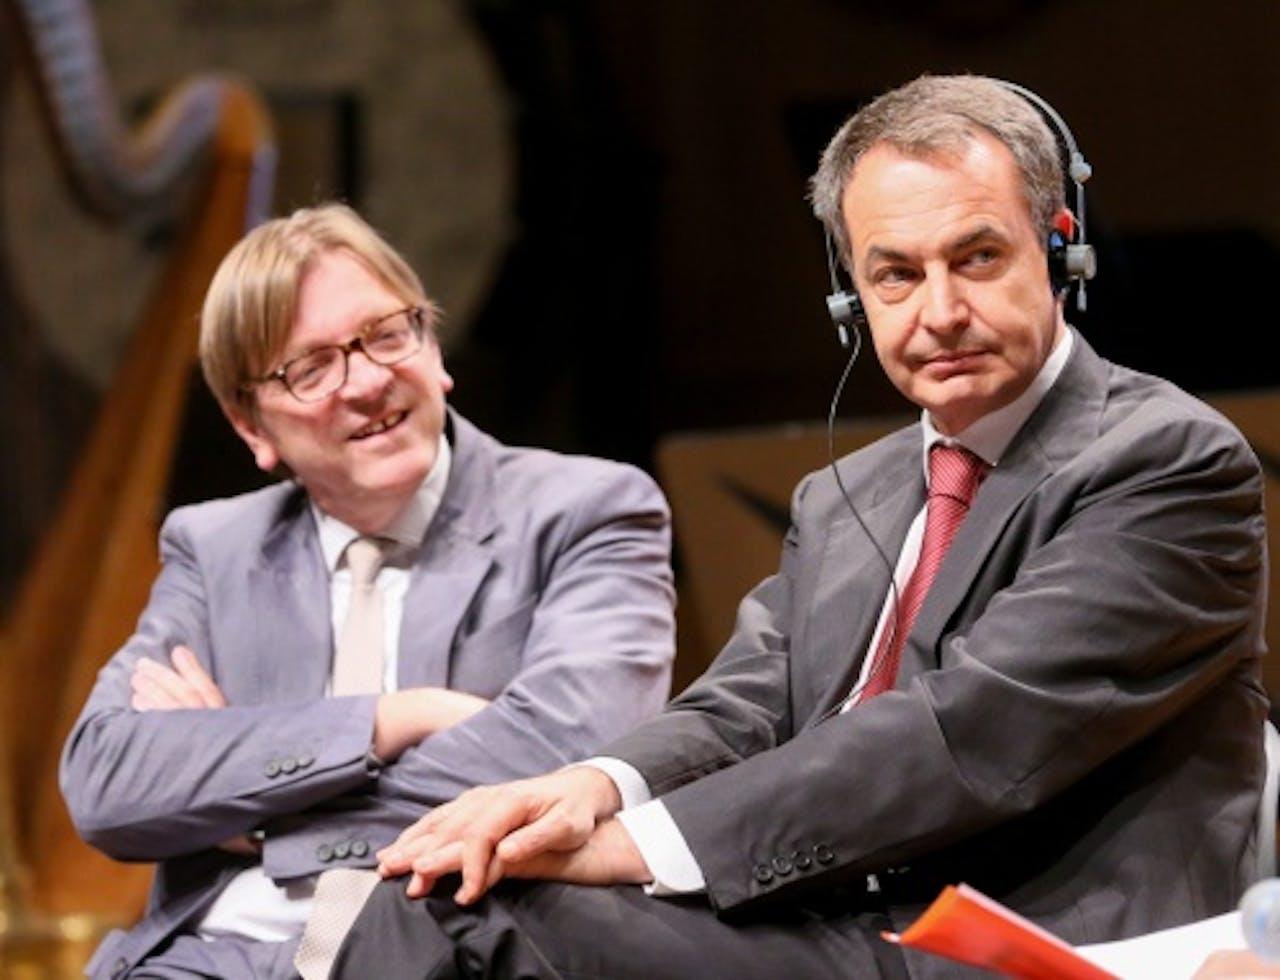 Guy Verhofstadt links (EPA)